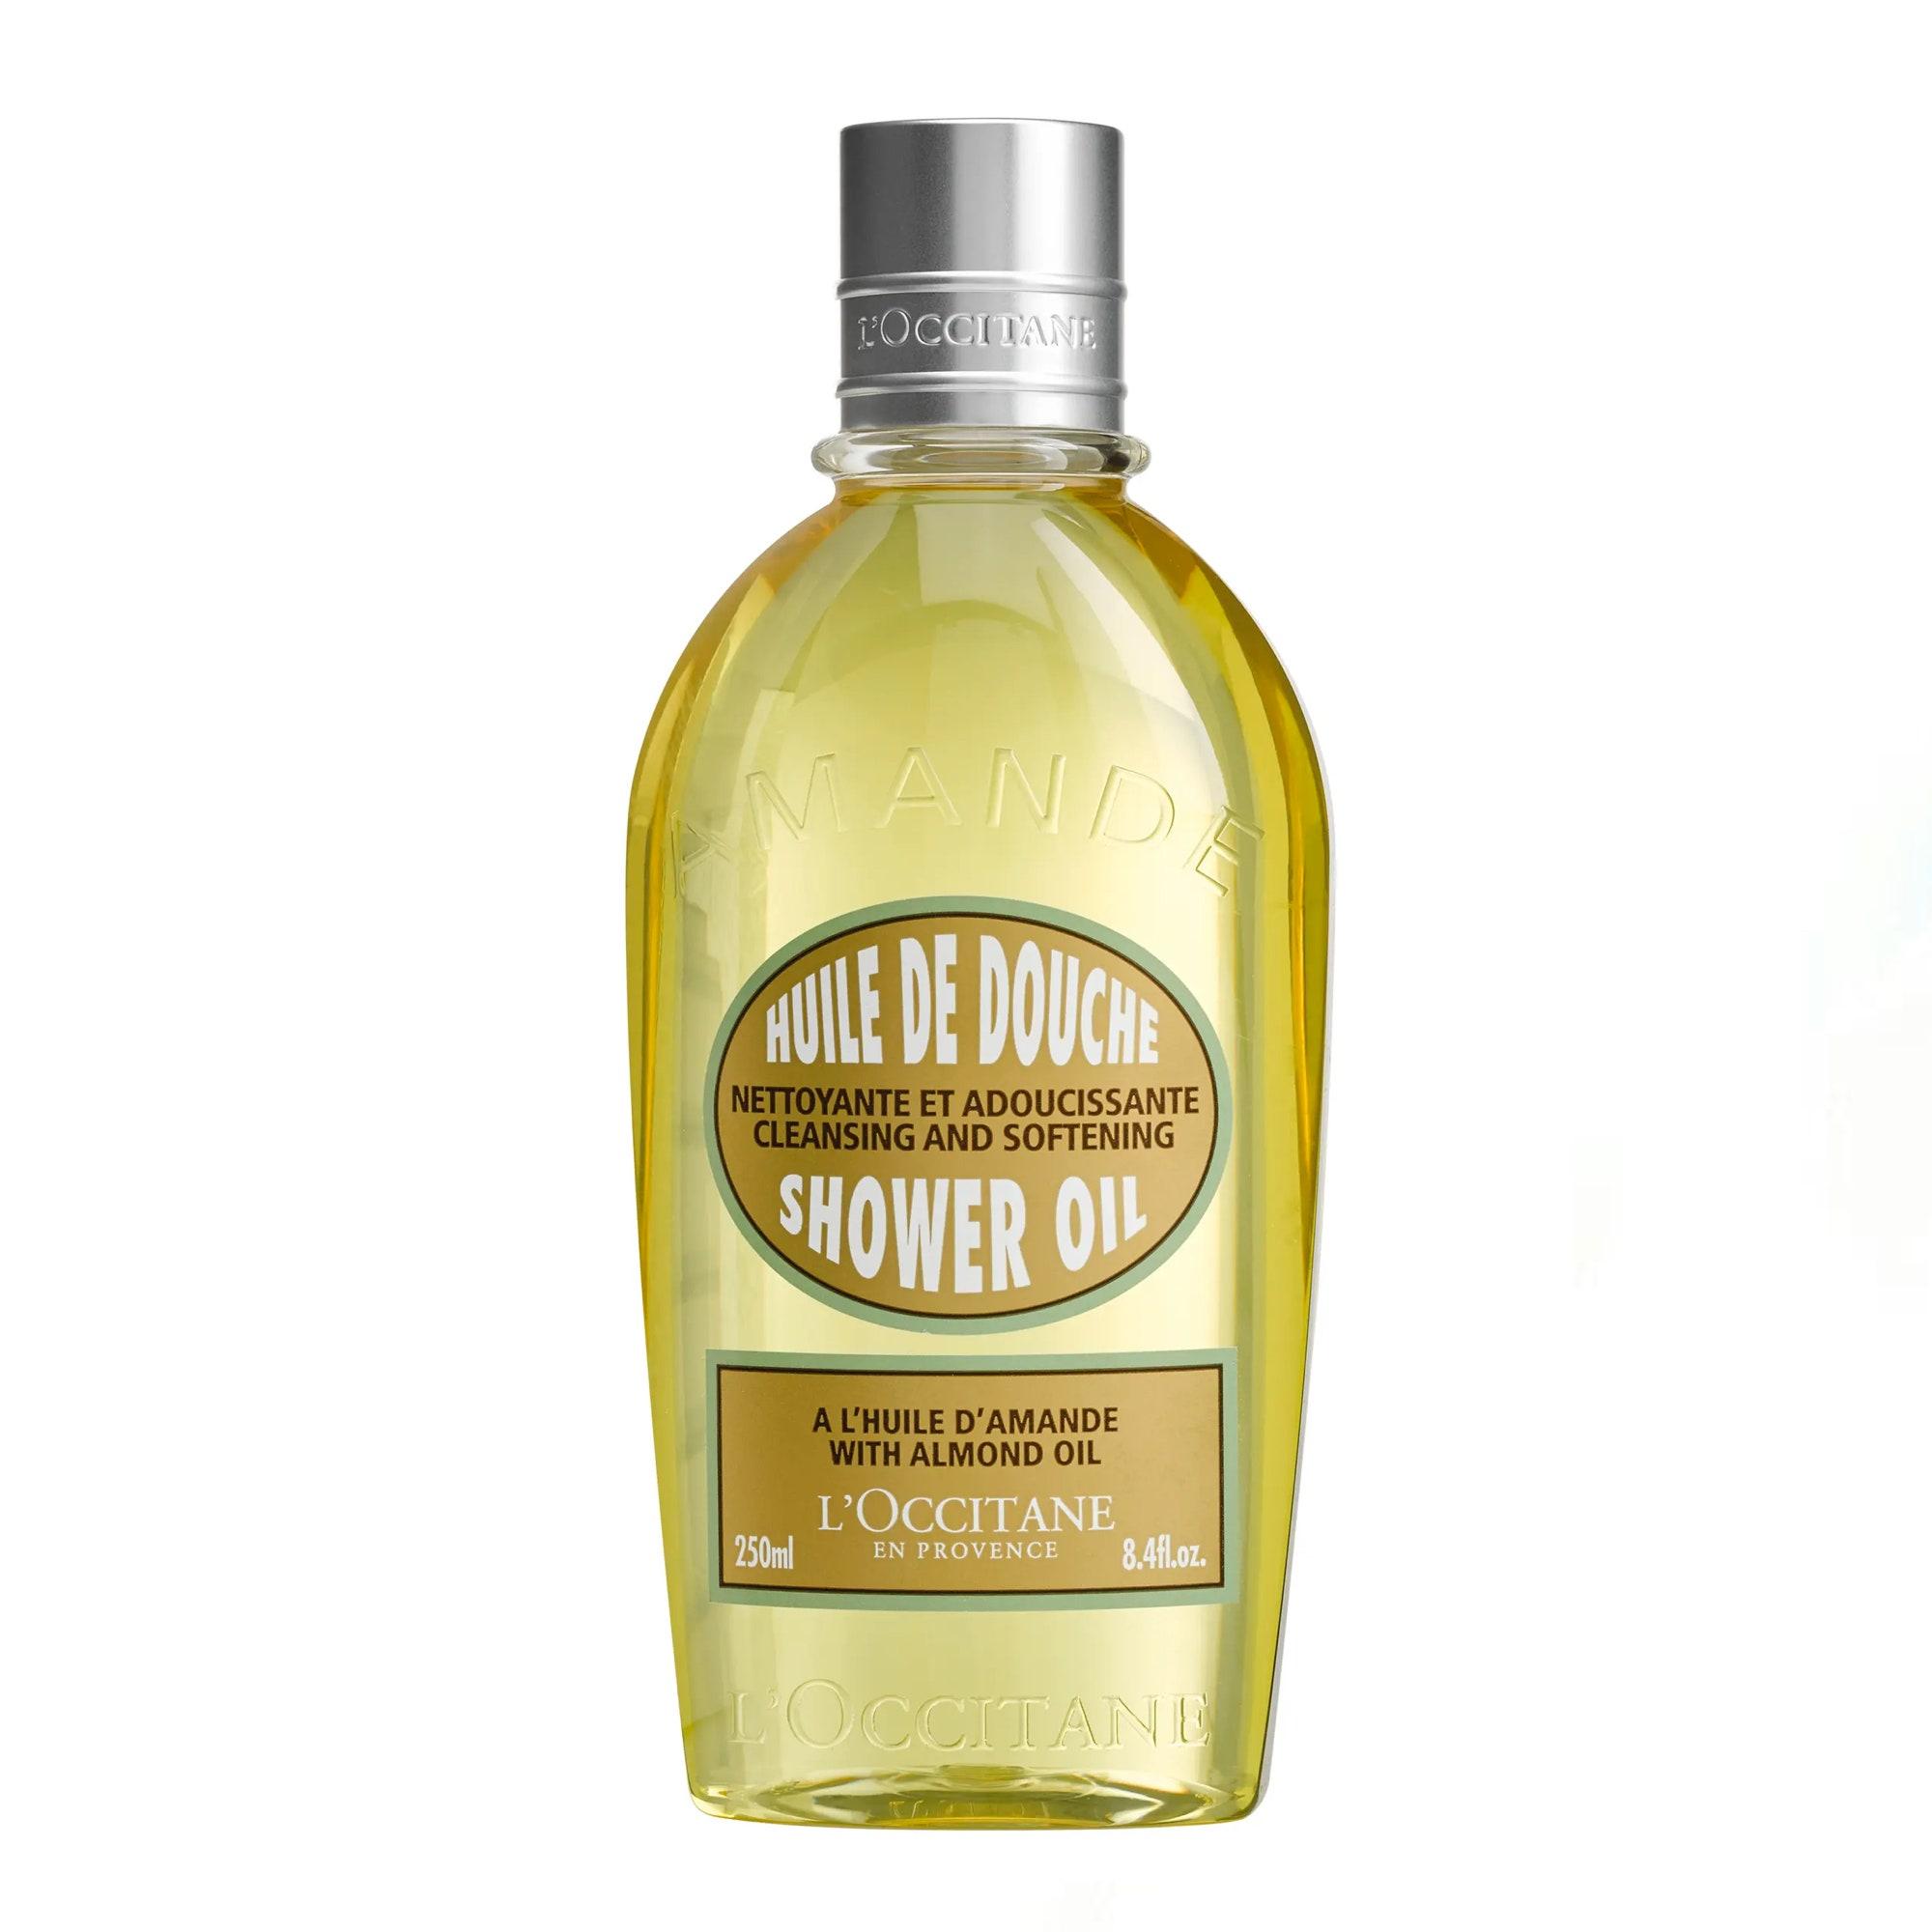 bottle of shower oil